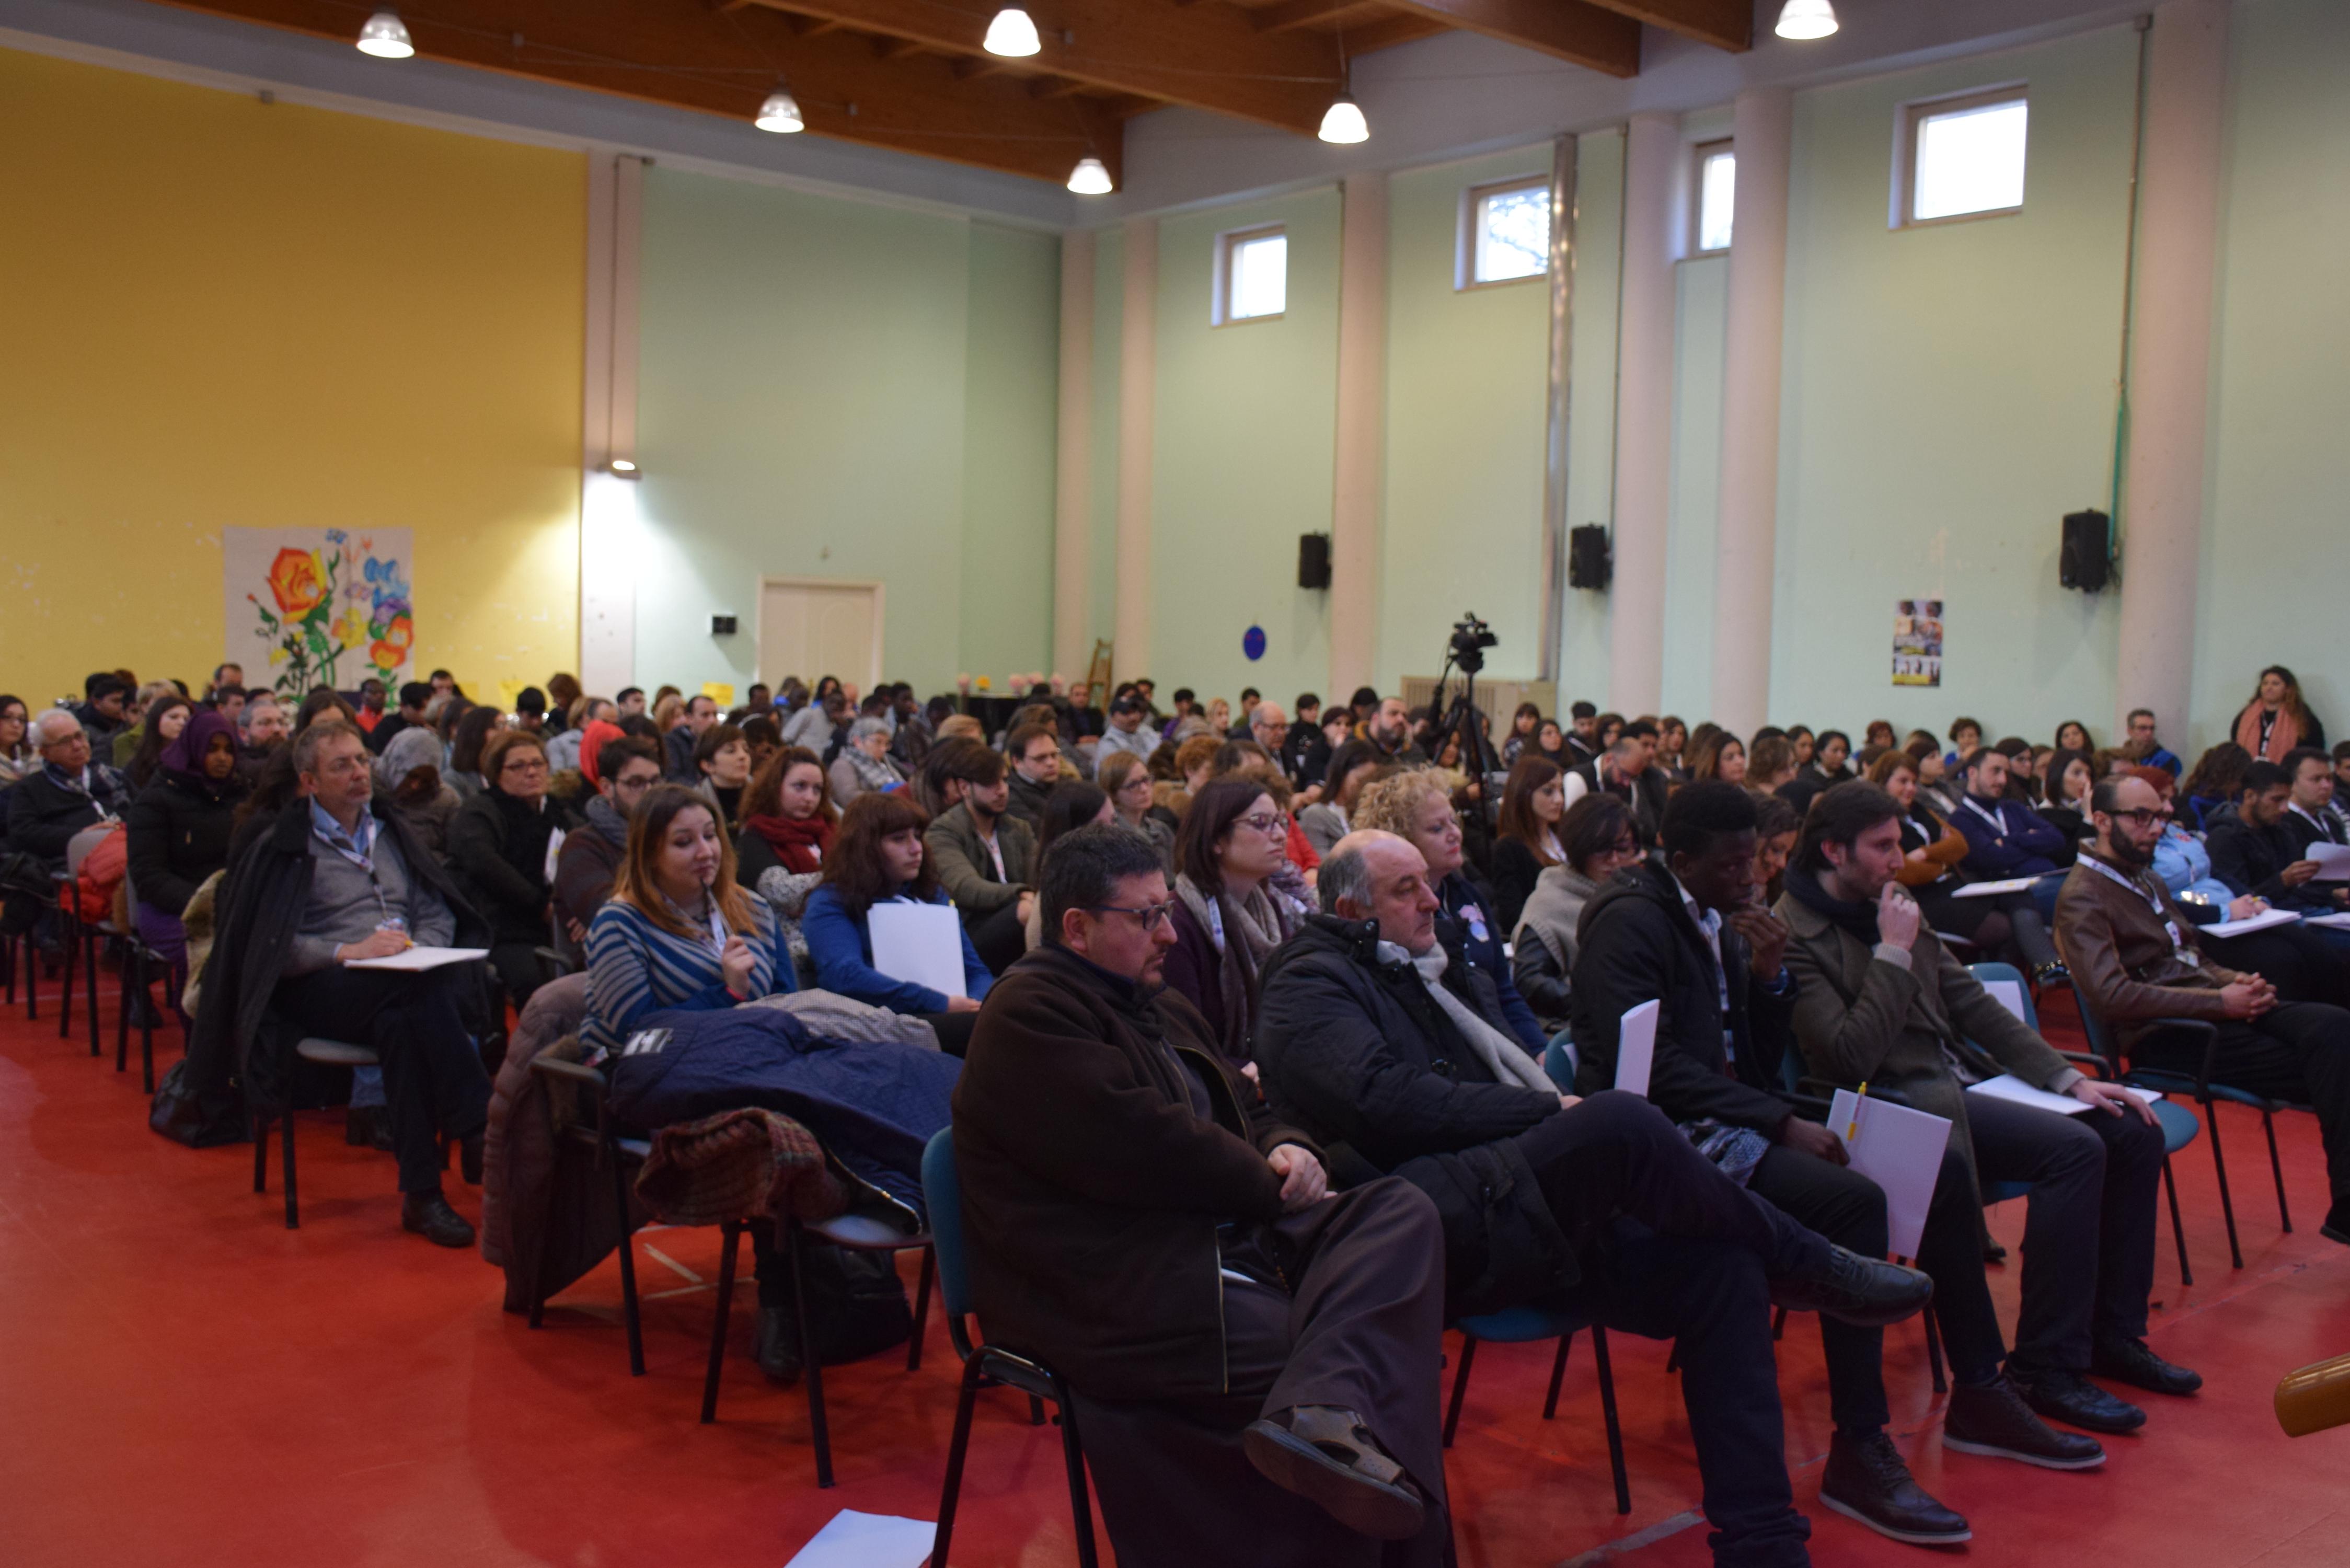 Intelligenza e cuore per unire nuove comunità, celebrato il progetto migrantes della Caritas